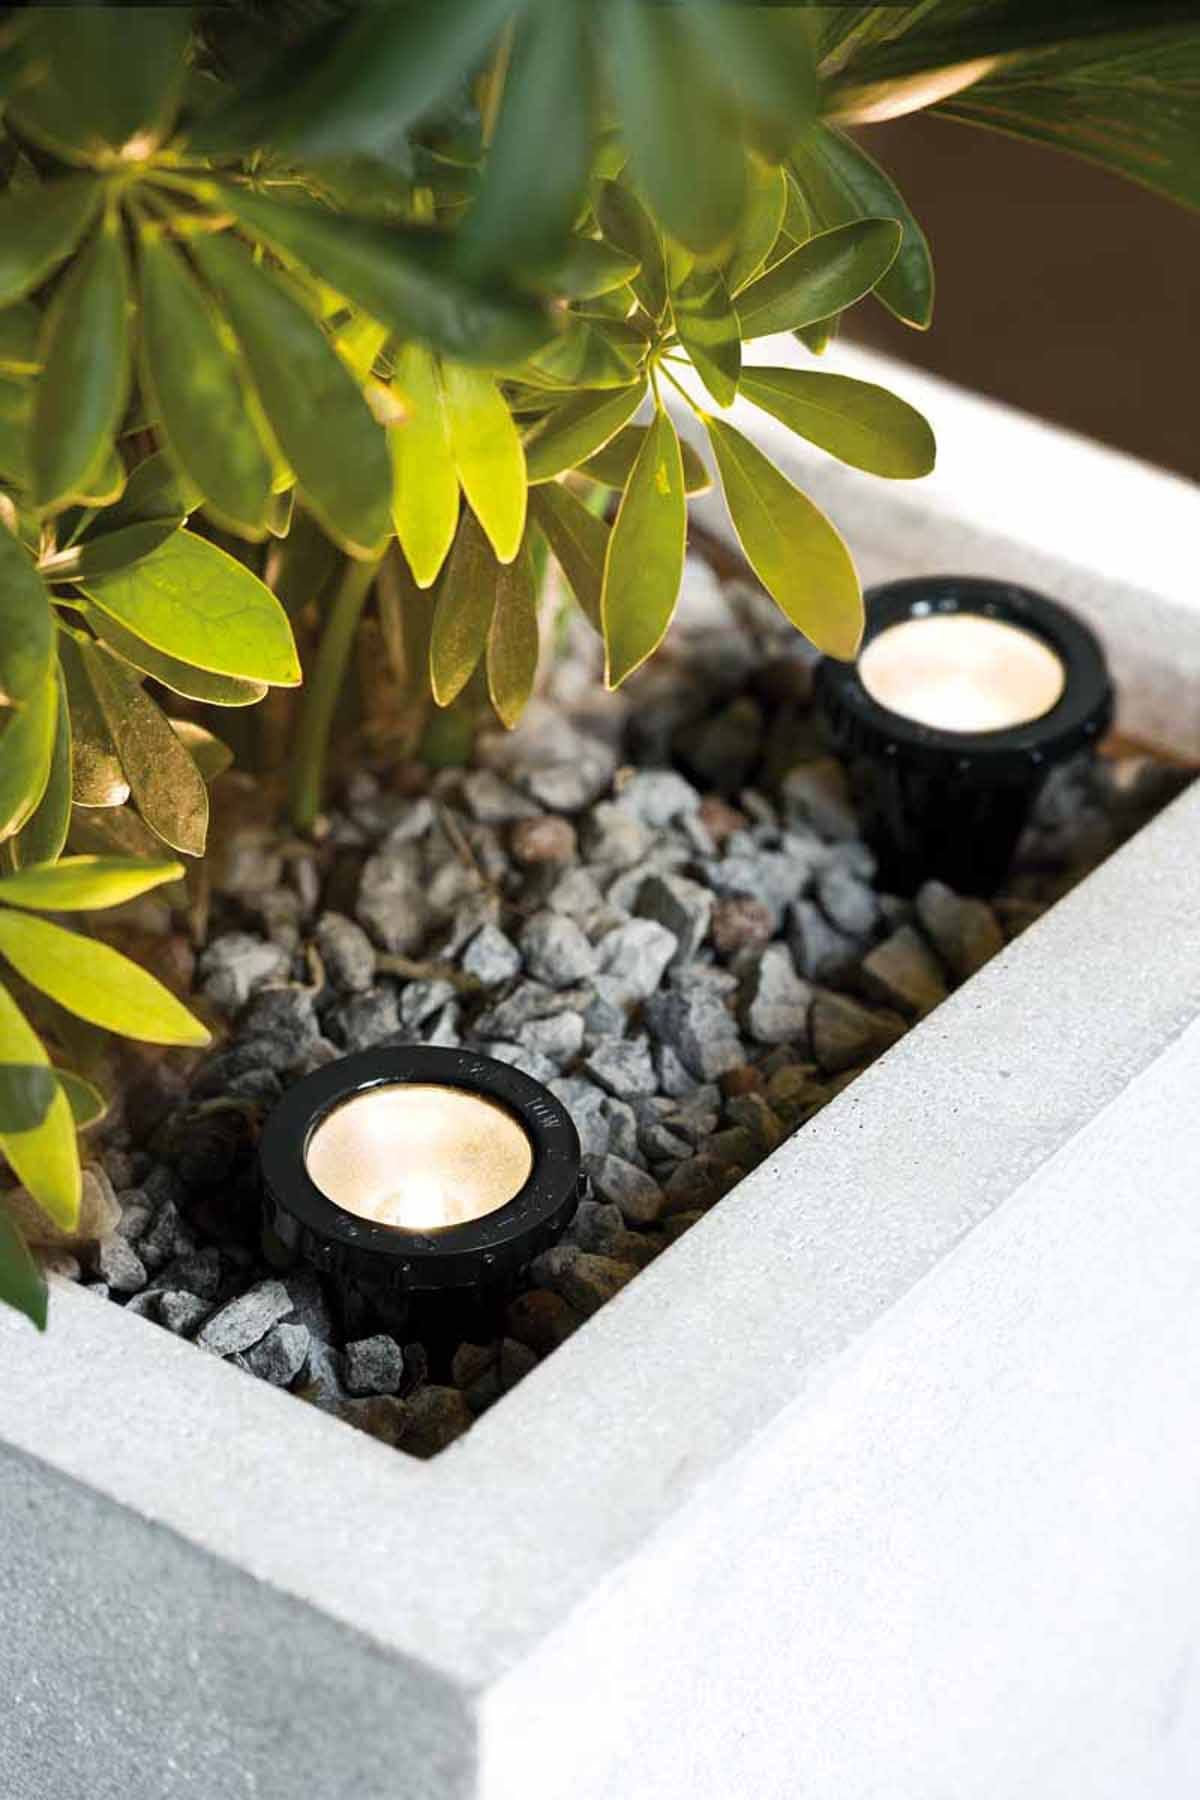 Vintage Erdspie Leuchten Allroundtalente f r den Garten Pflanzen Lampen Au enleuchten